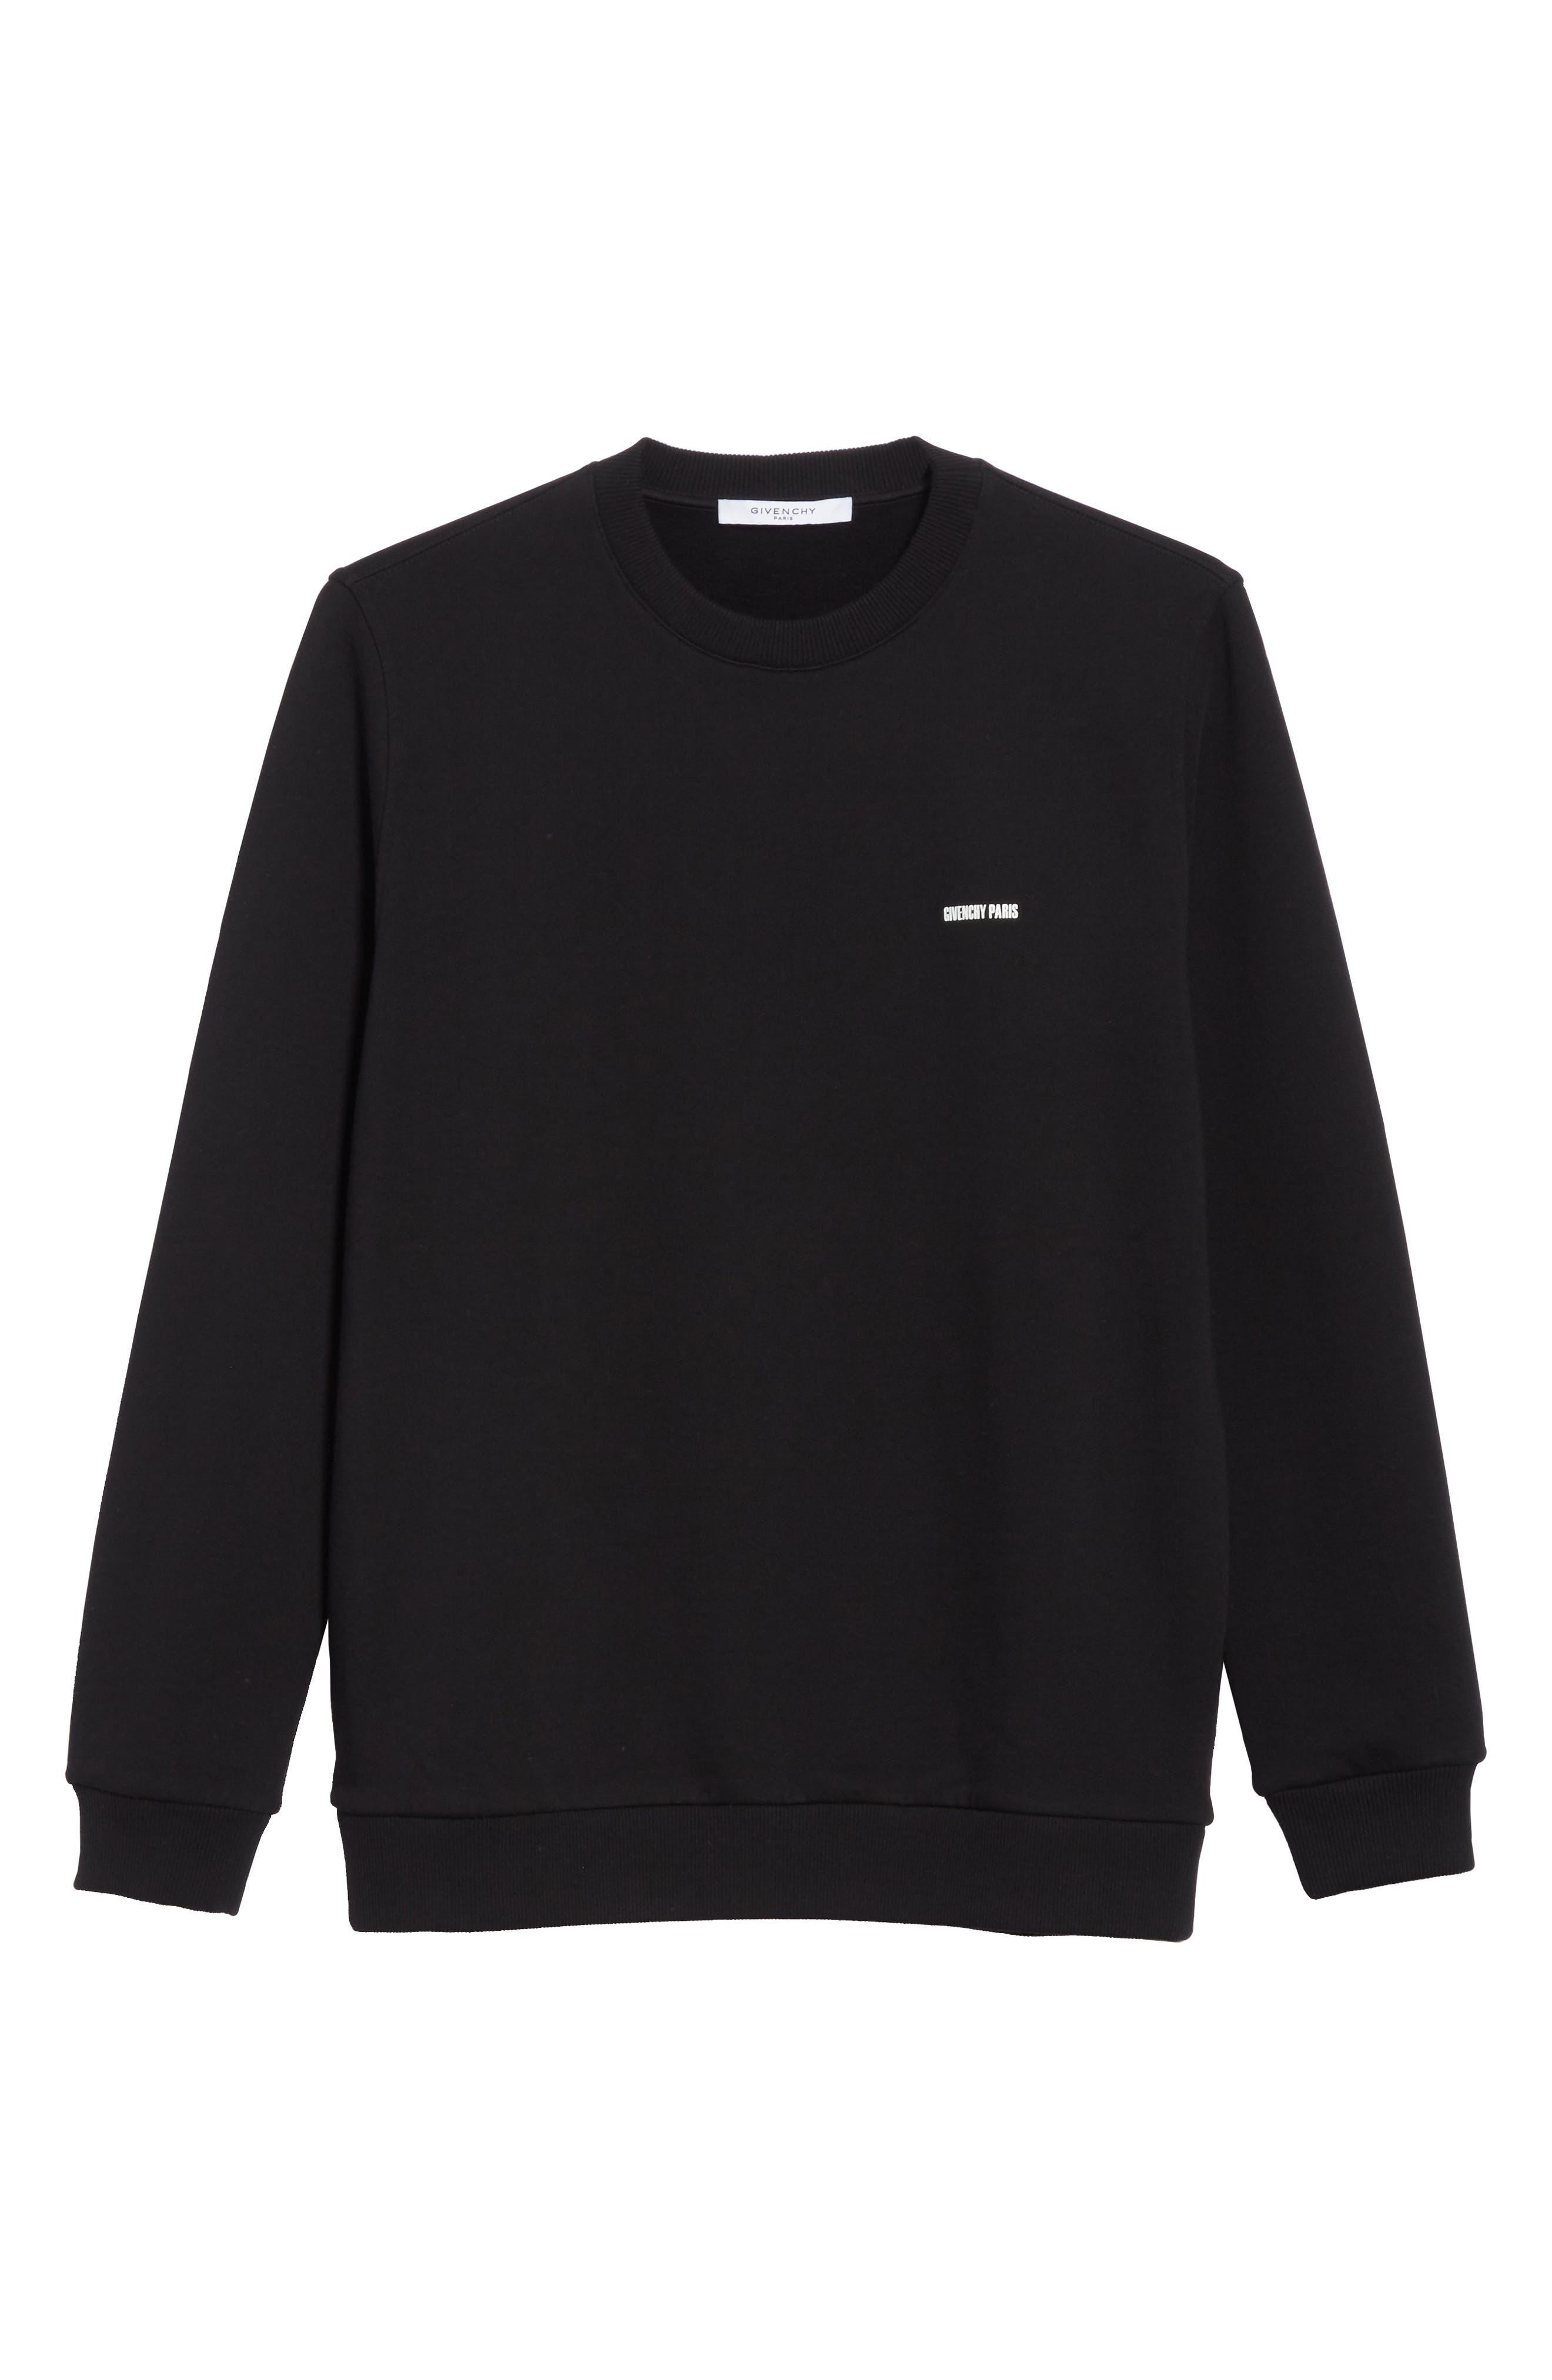 Givenchy Original Crewneck Sweatshirt